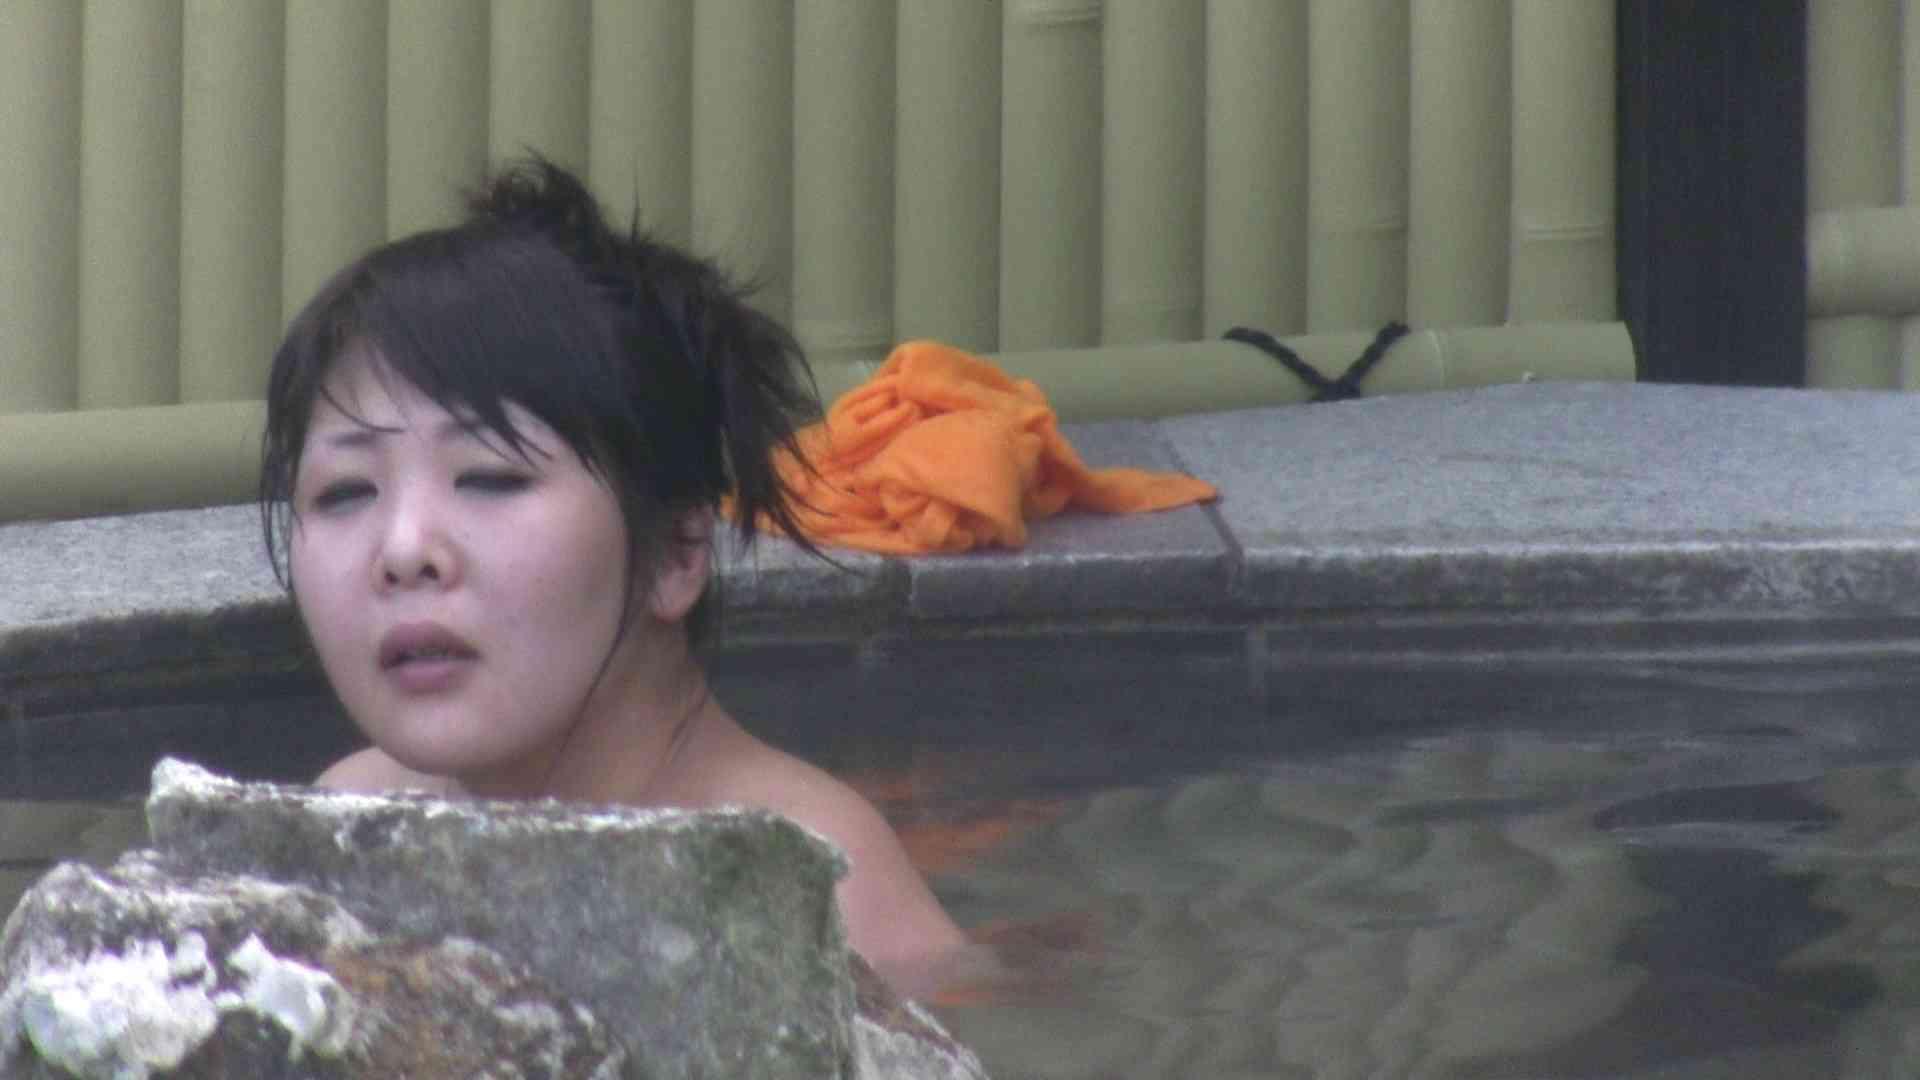 Aquaな露天風呂Vol.118 0   0  84pic 53